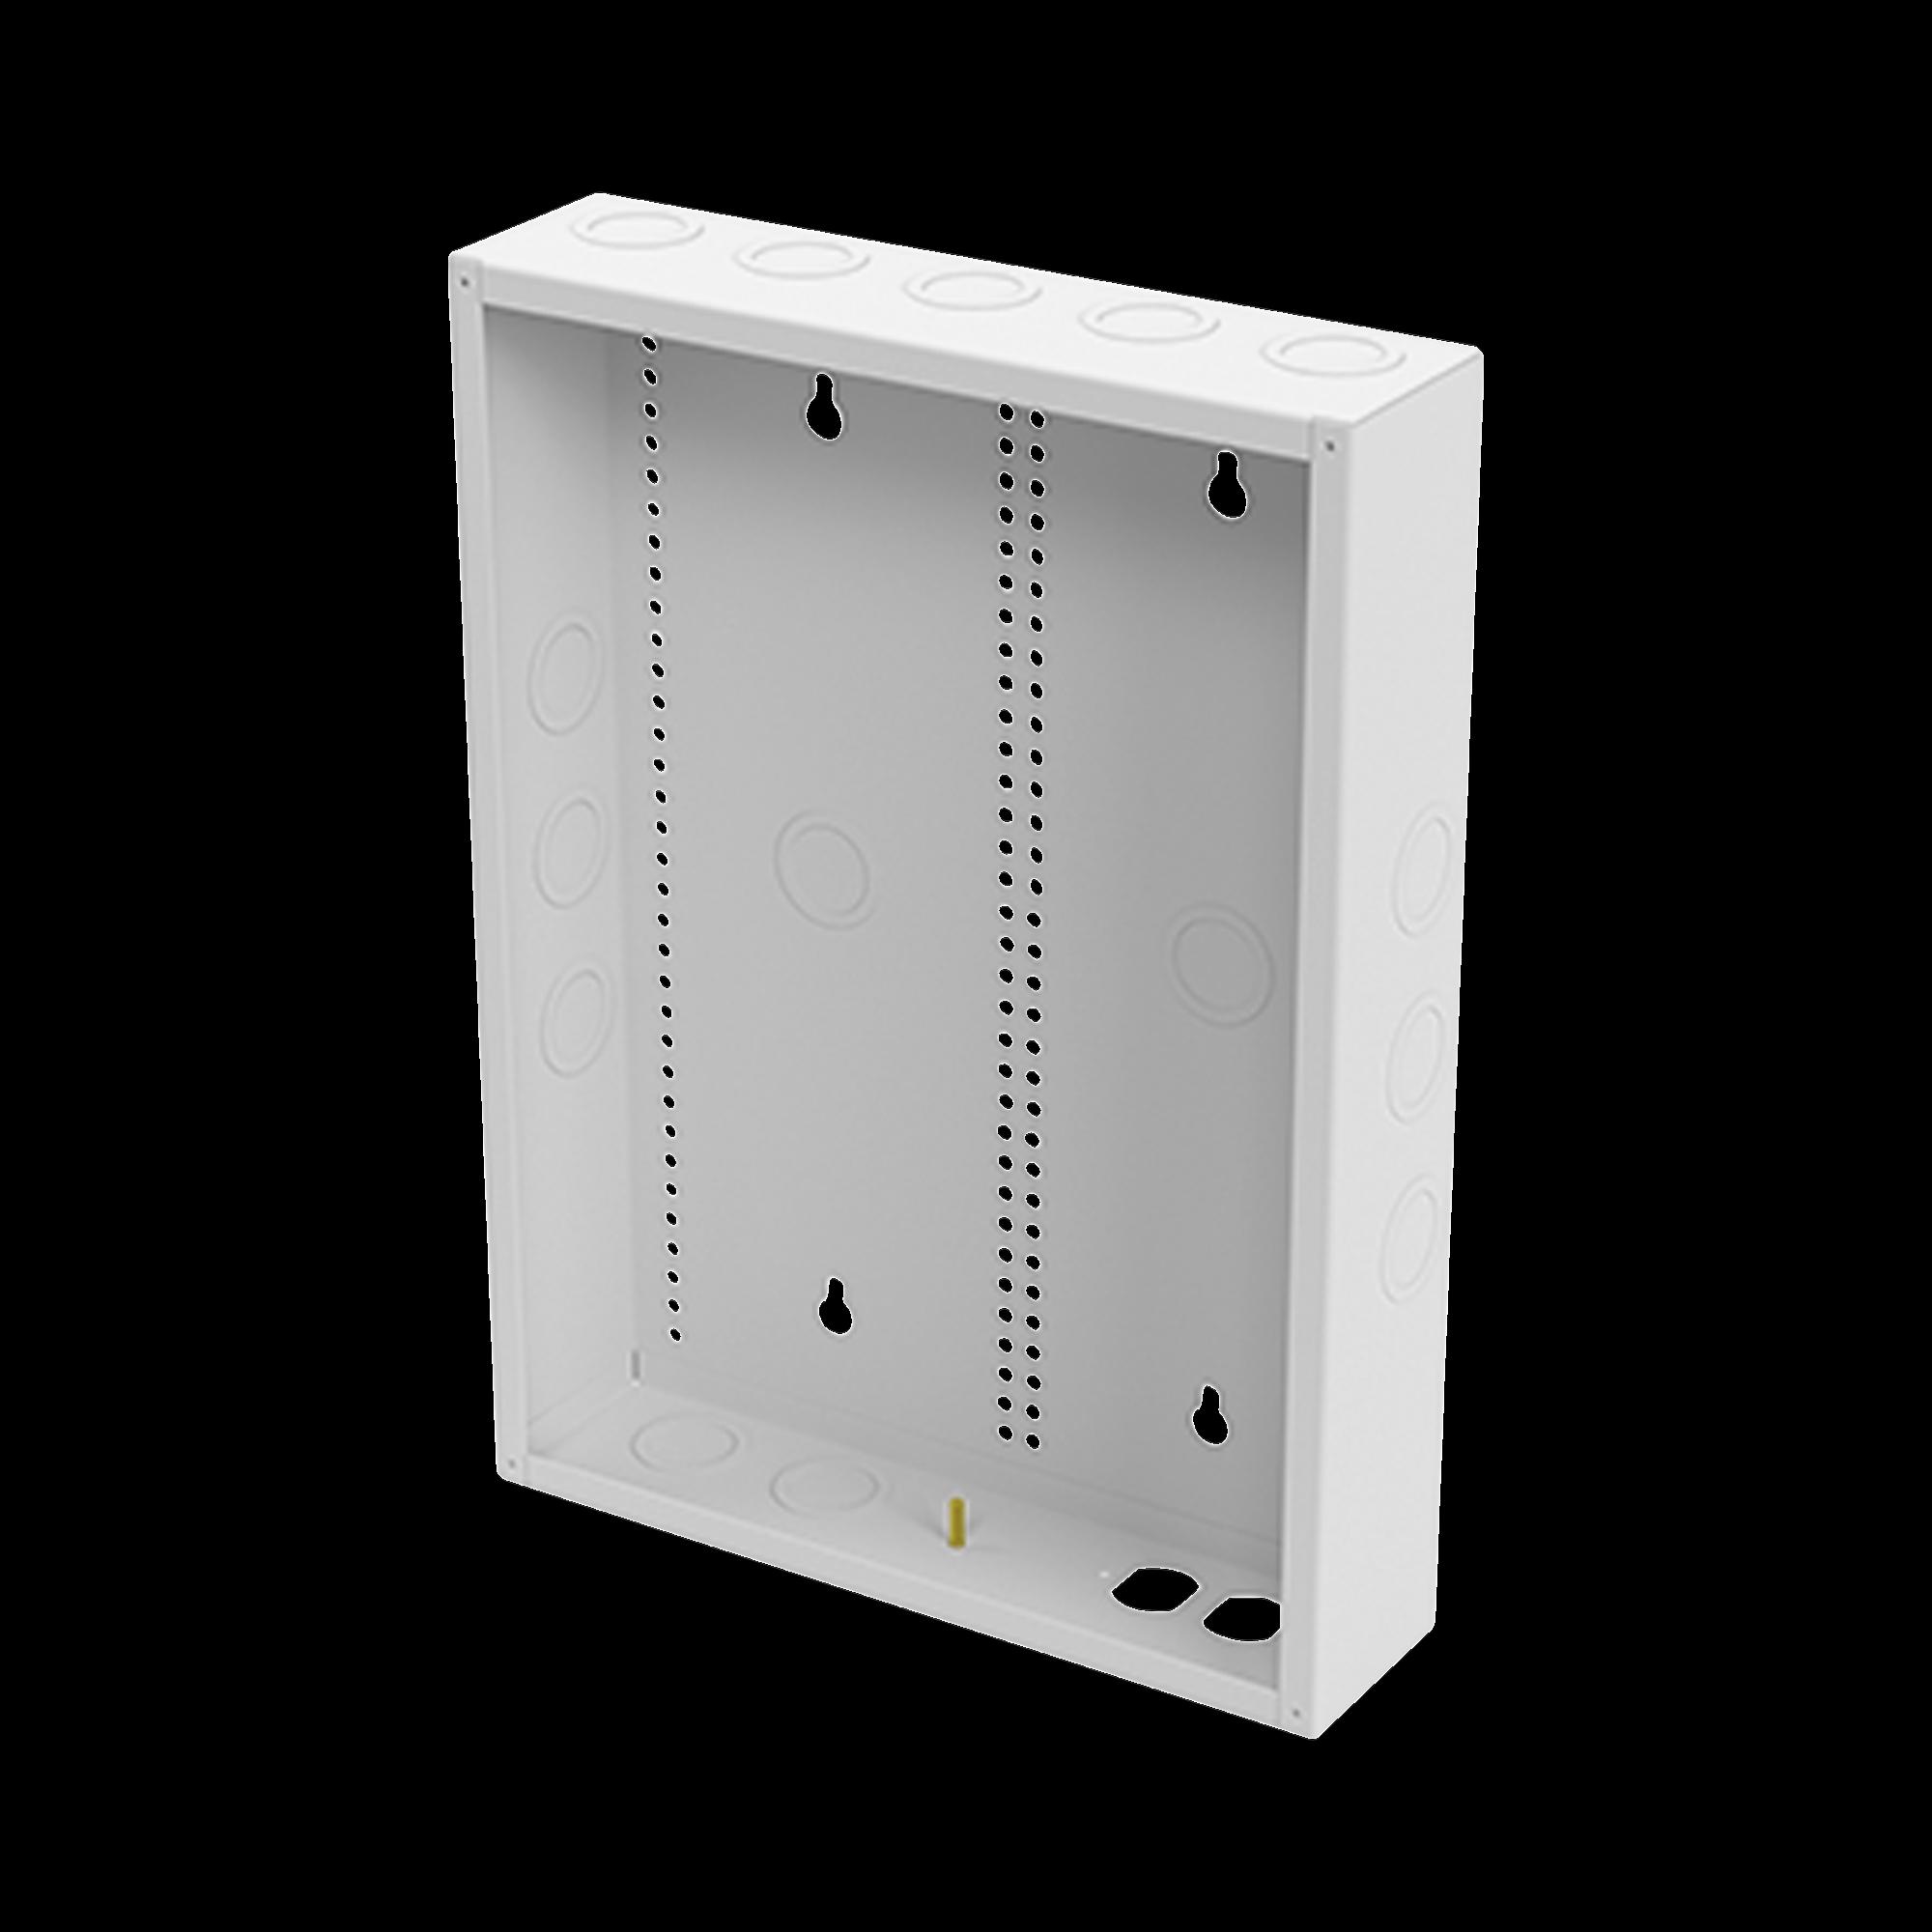 Gabinete de Medios de 19 Pulgadas para Empotrar en Pared (360 x 478 x 95 mm).